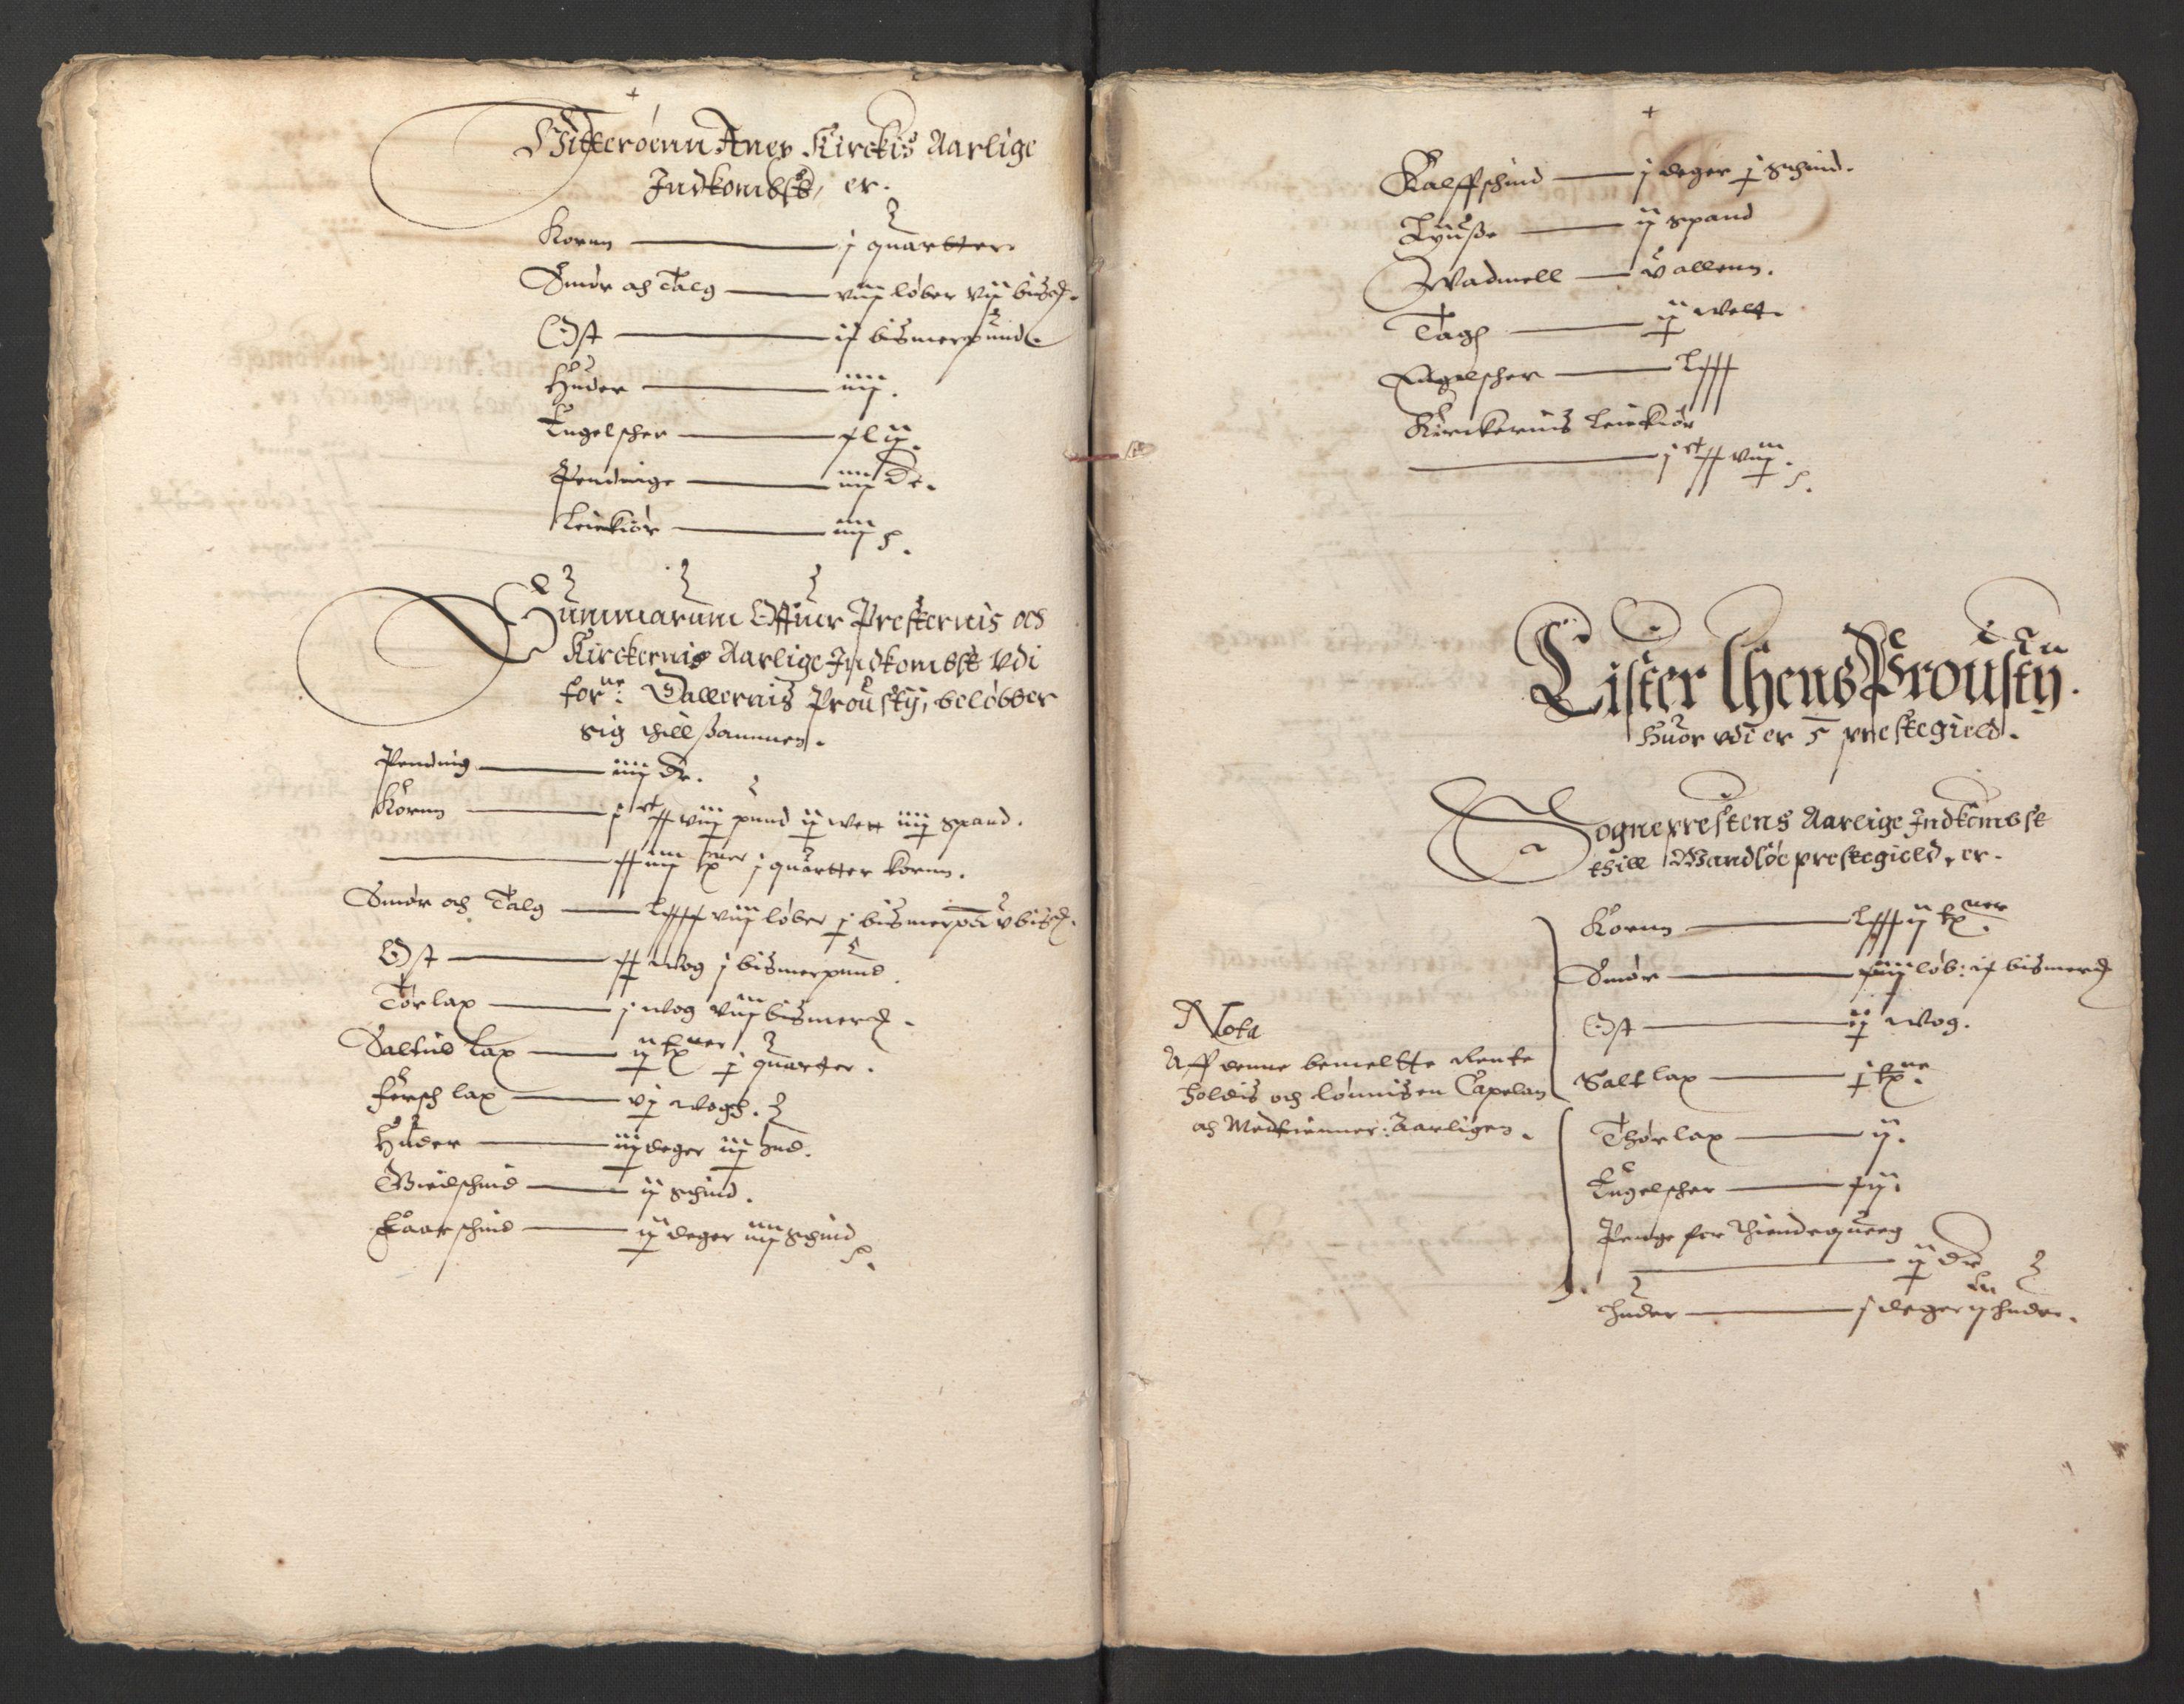 RA, Stattholderembetet 1572-1771, Ek/L0014: Jordebøker til utlikning av rosstjeneste 1624-1626:, 1625, s. 20